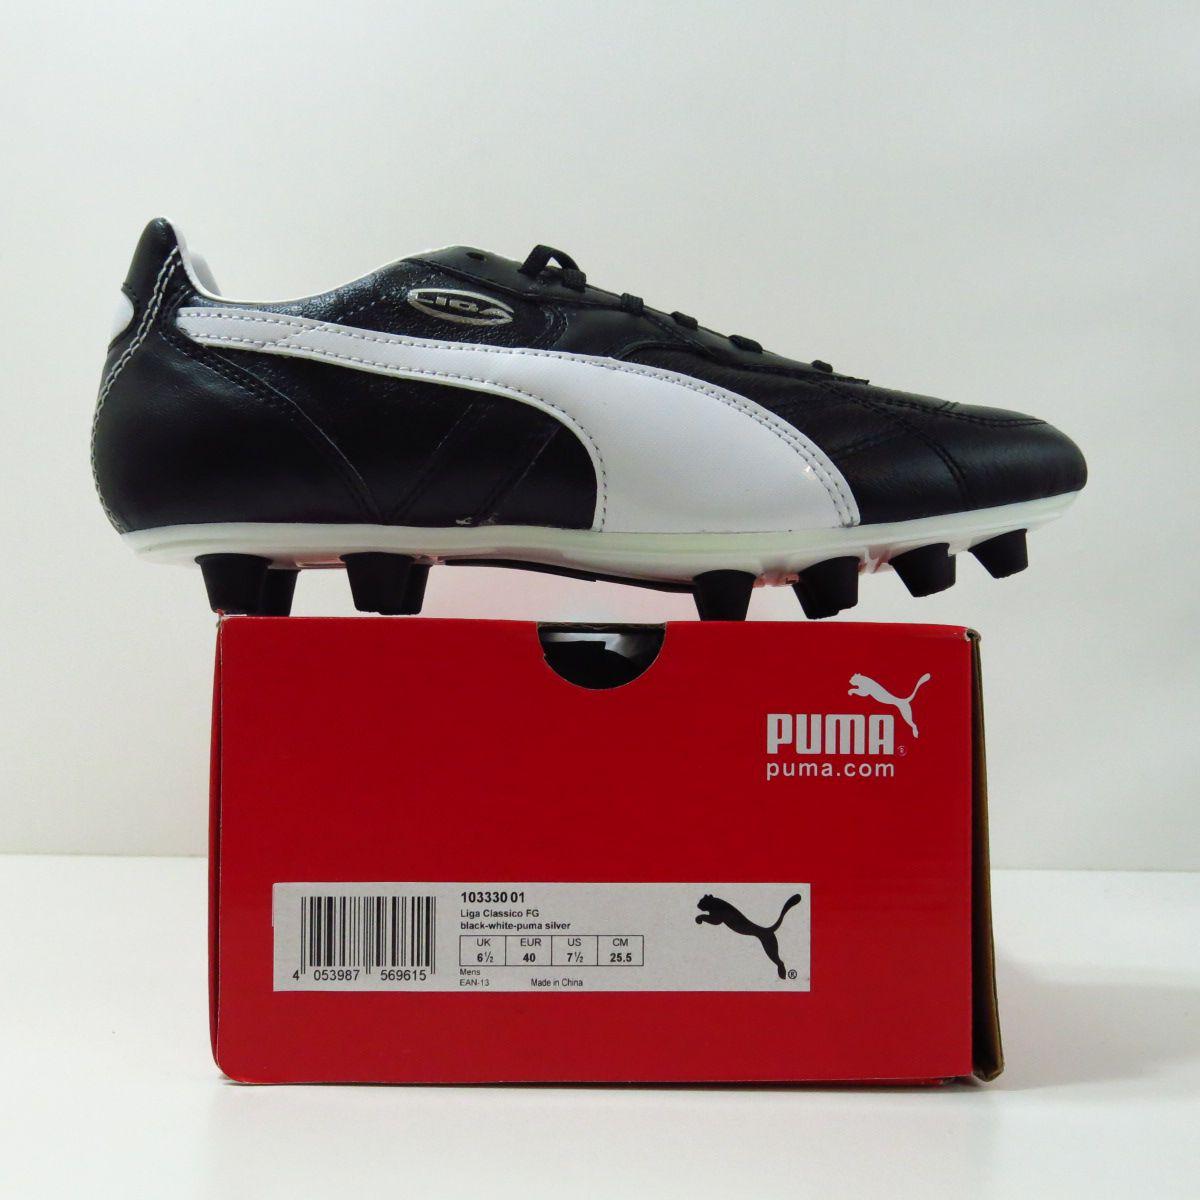 Chuteira Puma Liga Classico FG - Couro